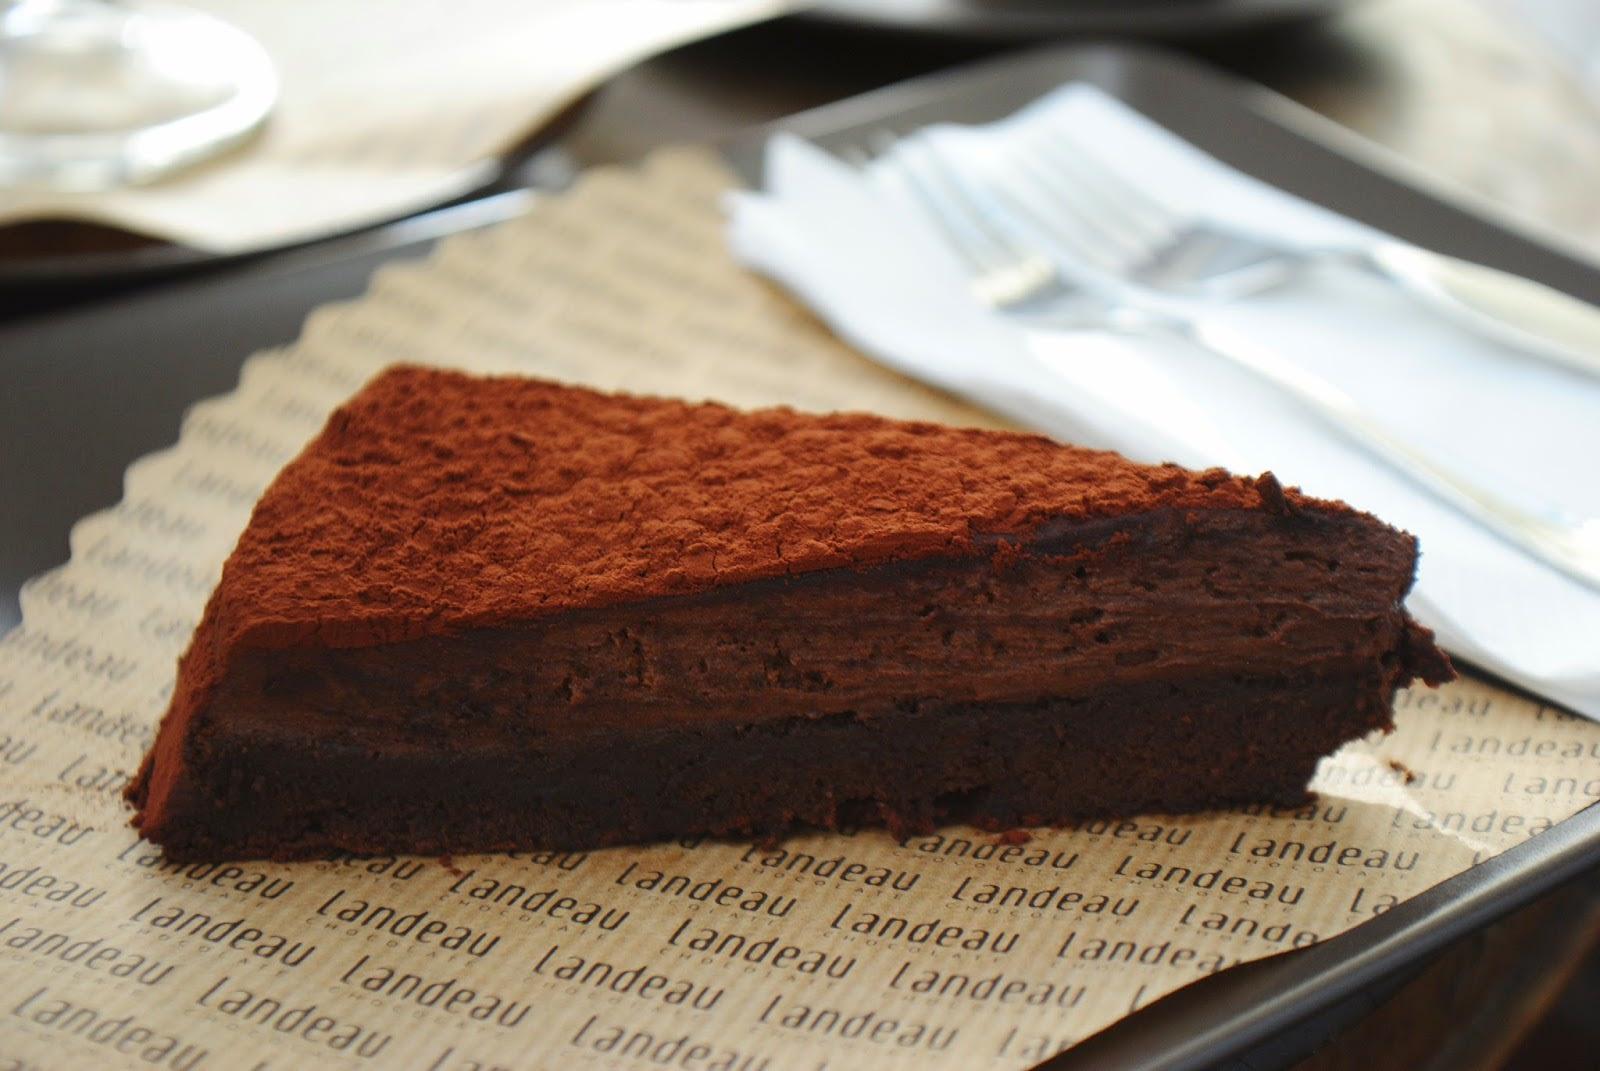 Landeau Cafè, Chocolate Cake